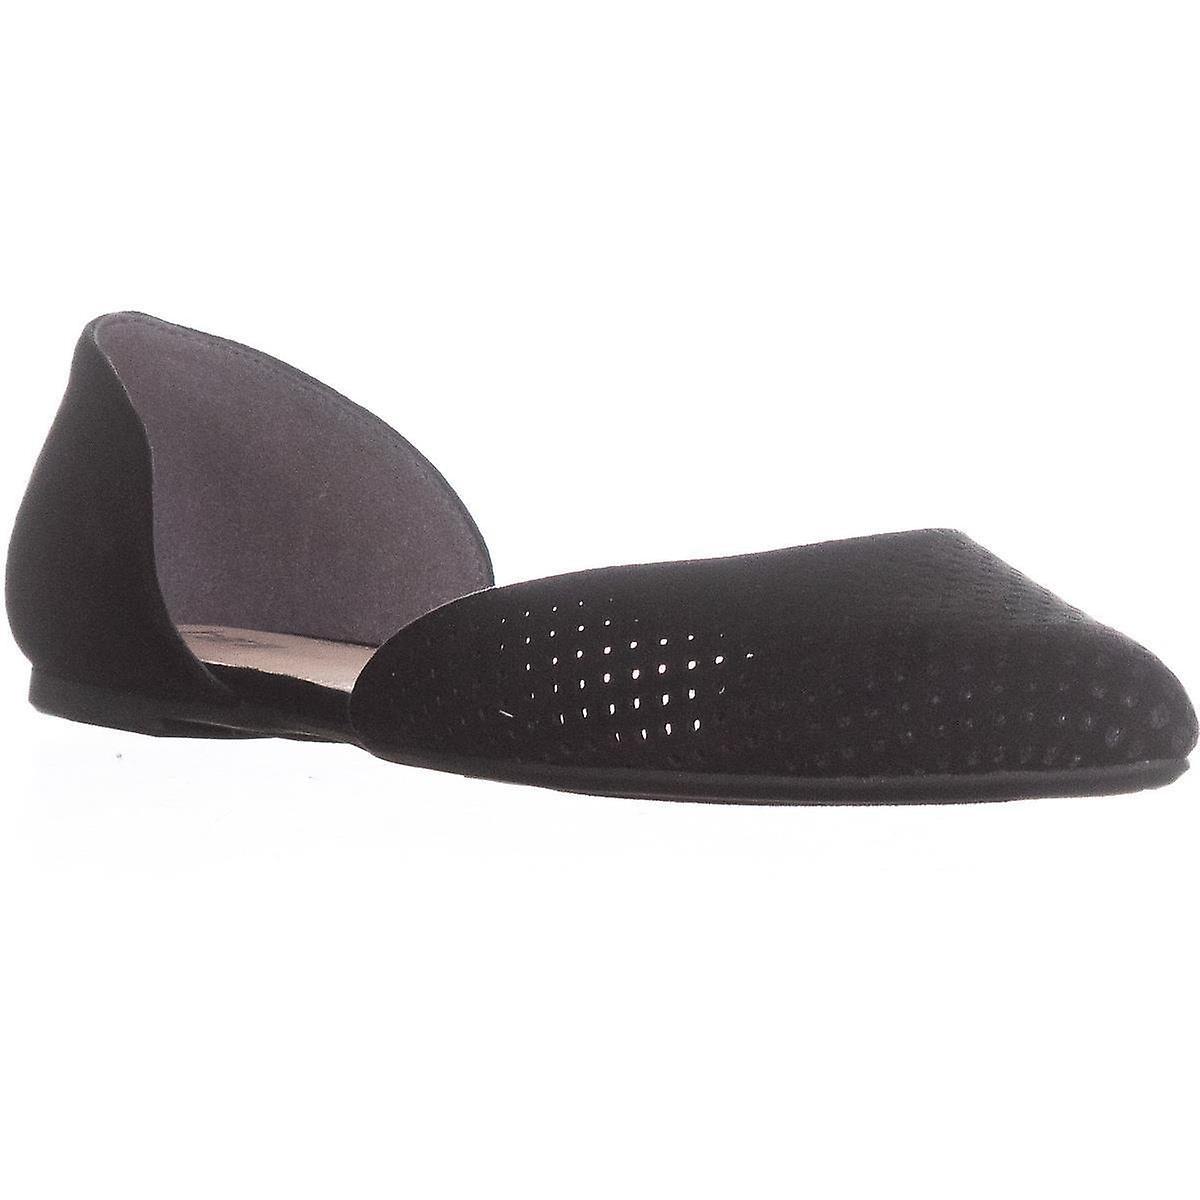 Bar III spetsiga Womens Luna tyg tå Casual Slide sandaler - Gratis frakt